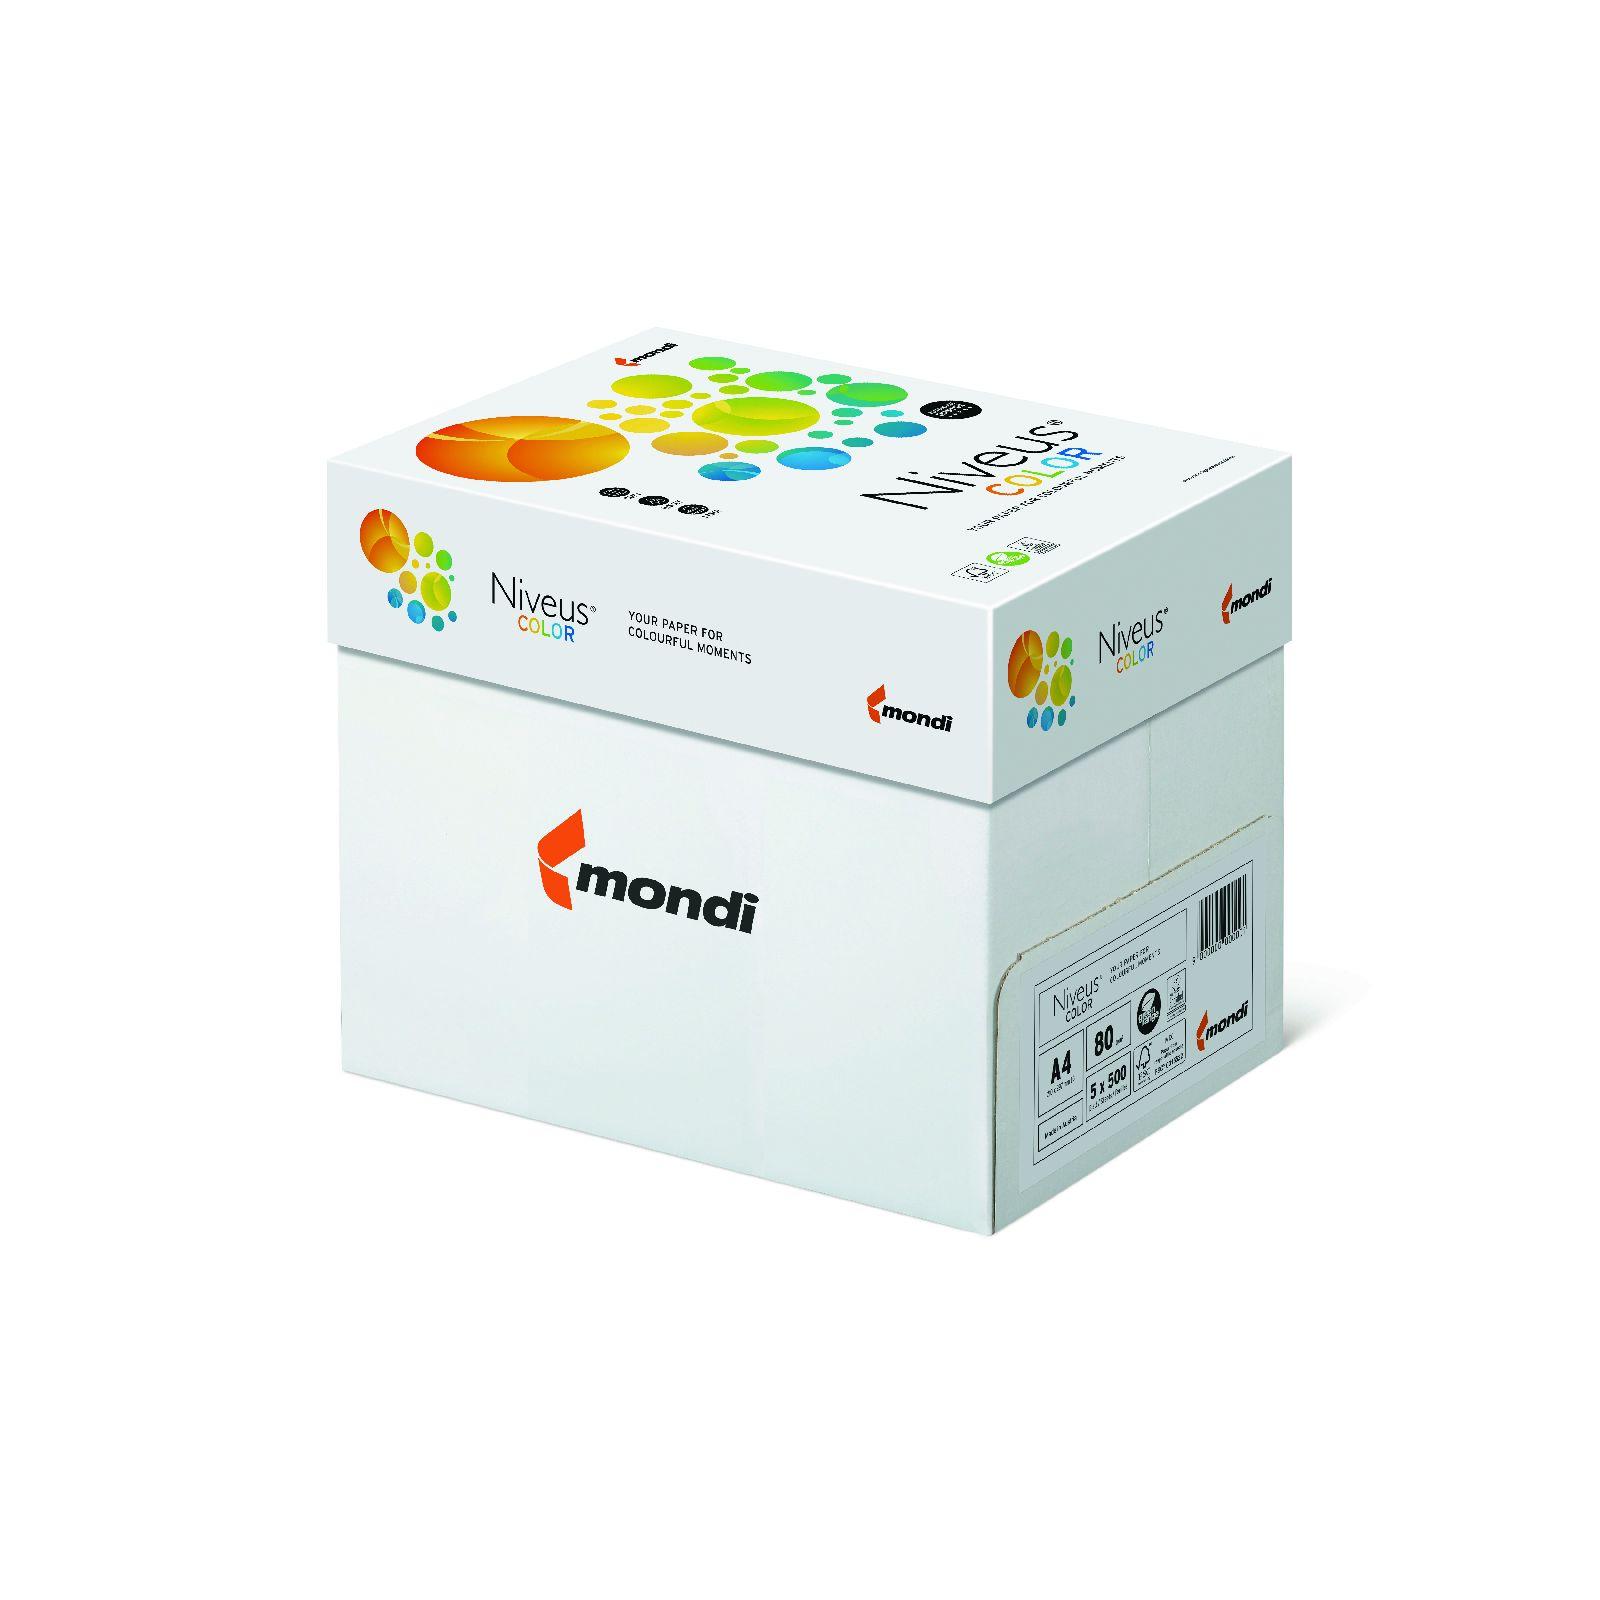 Бумага цветная Color A4 интенсив 80гр./м2, 500лист., SY40 sun yellow, темно-желт. Mondi - фото 4